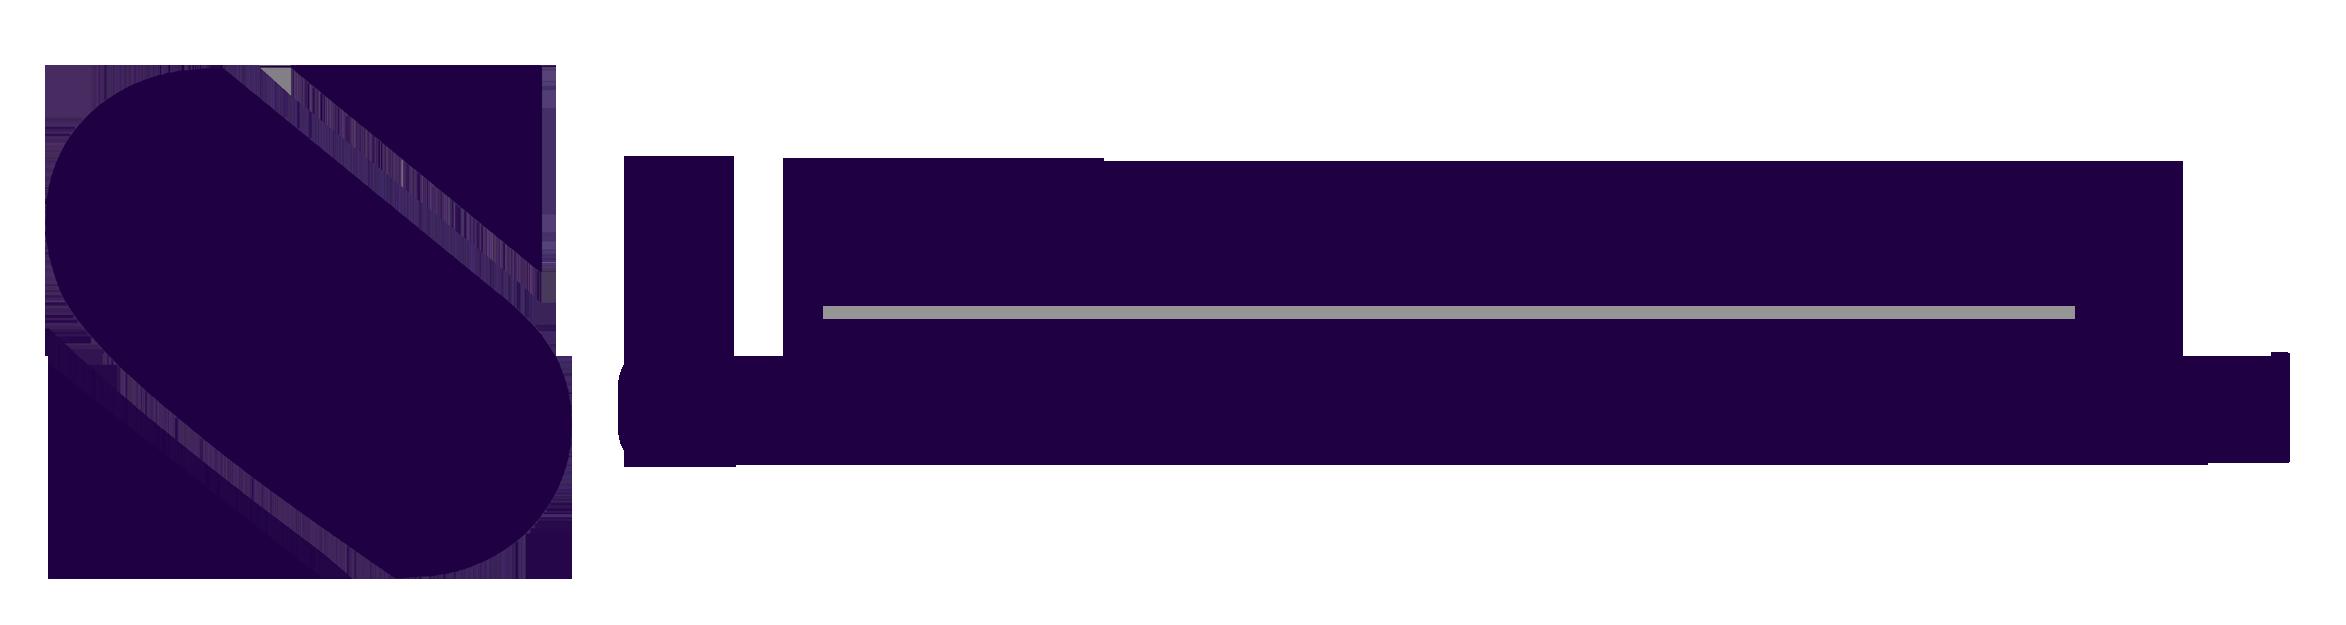 Sharrett Construction